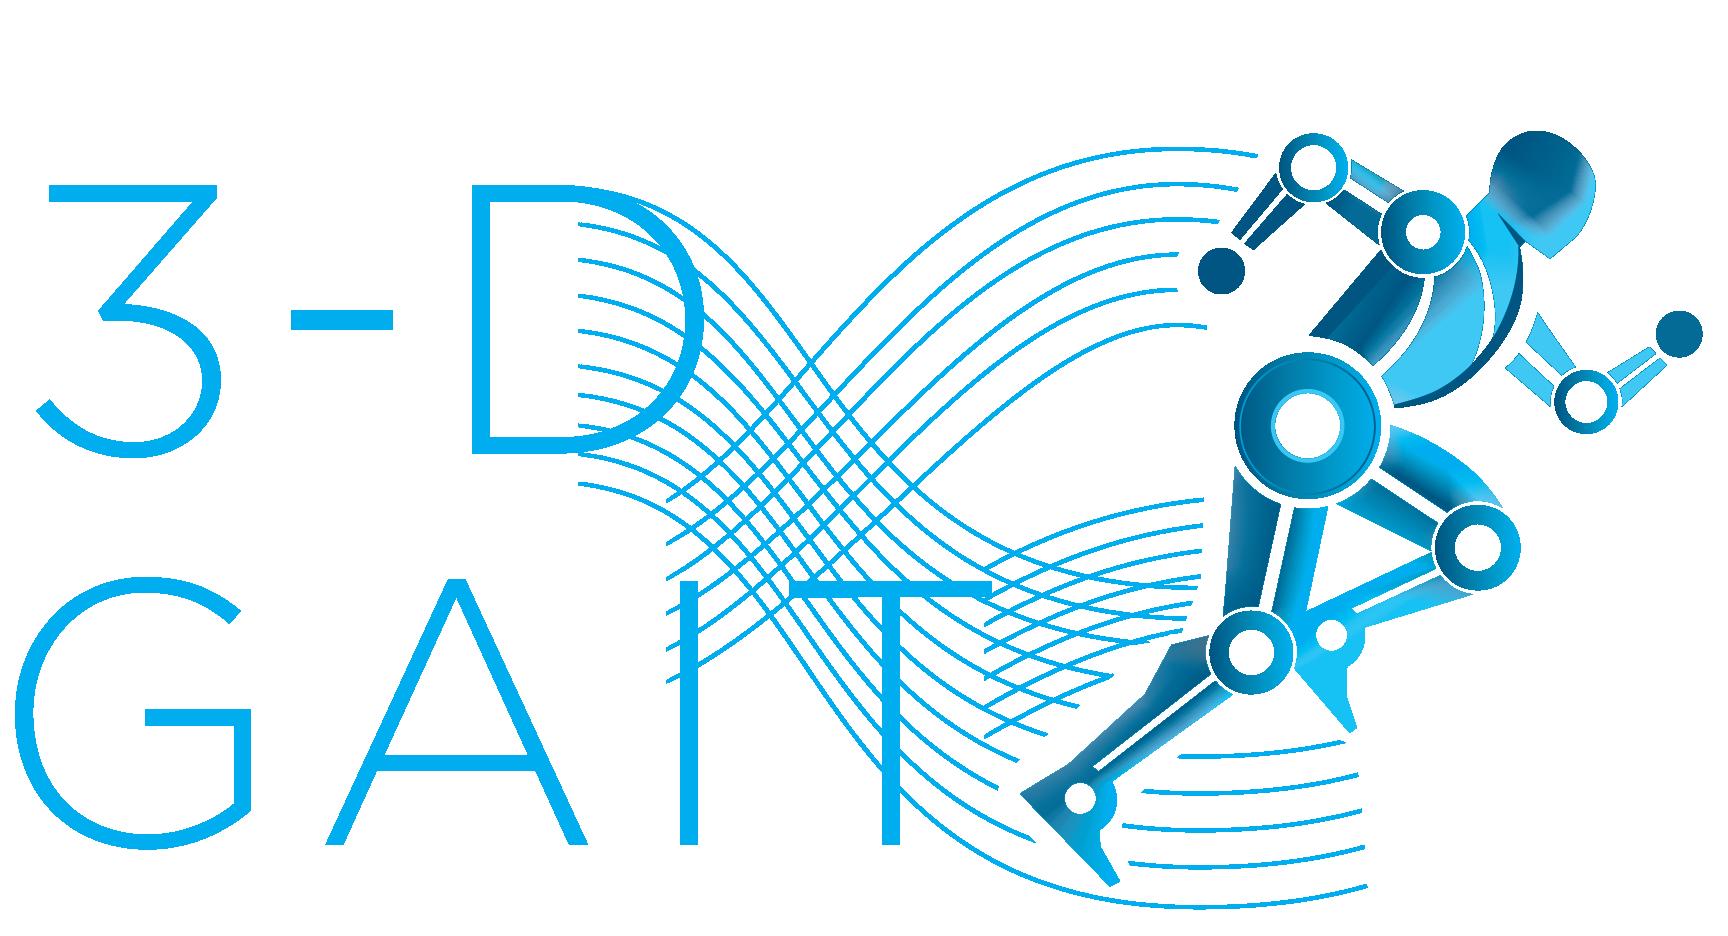 3-D Gait Analysis